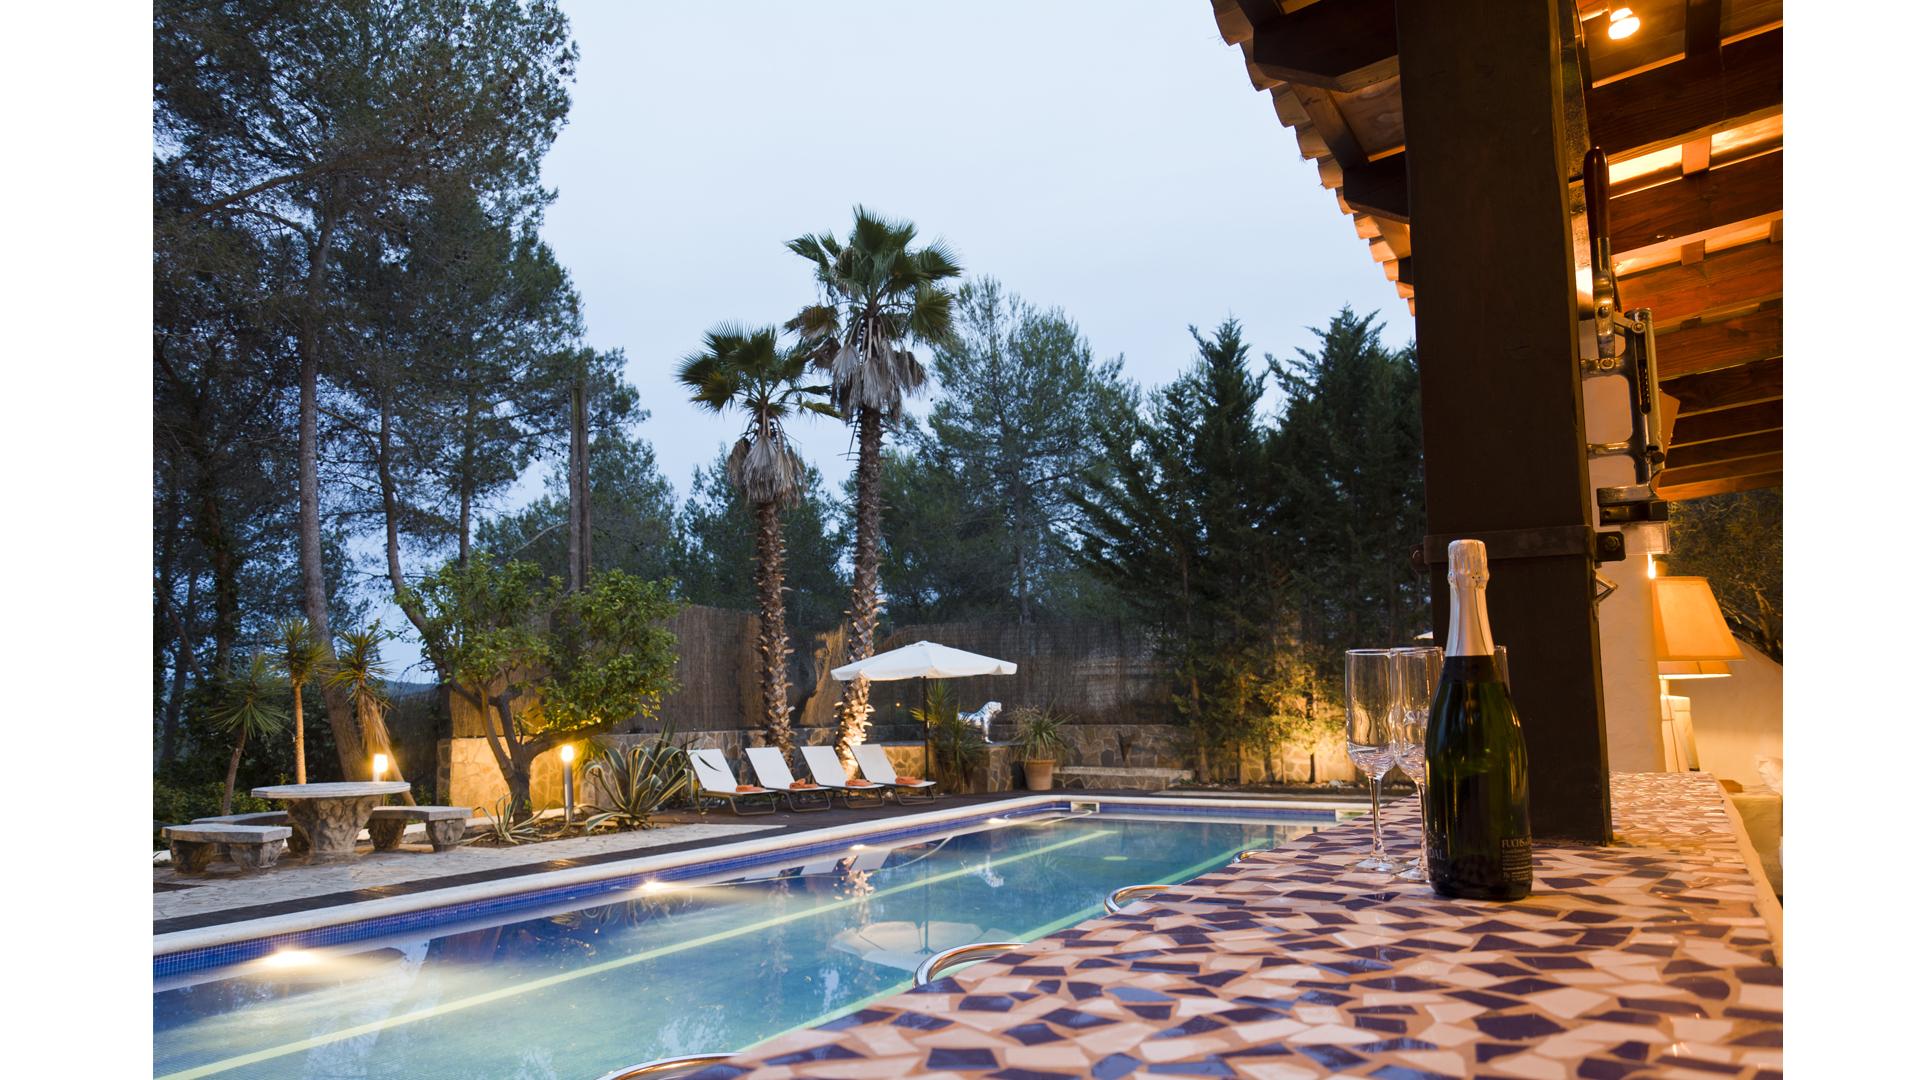 Ferienhaus Villa Palmera, Paradies in der Nhe von Barcelona, luxurise Villa fr 22 Personen (2379177), Olivella, Costa del Garraf, Katalonien, Spanien, Bild 12